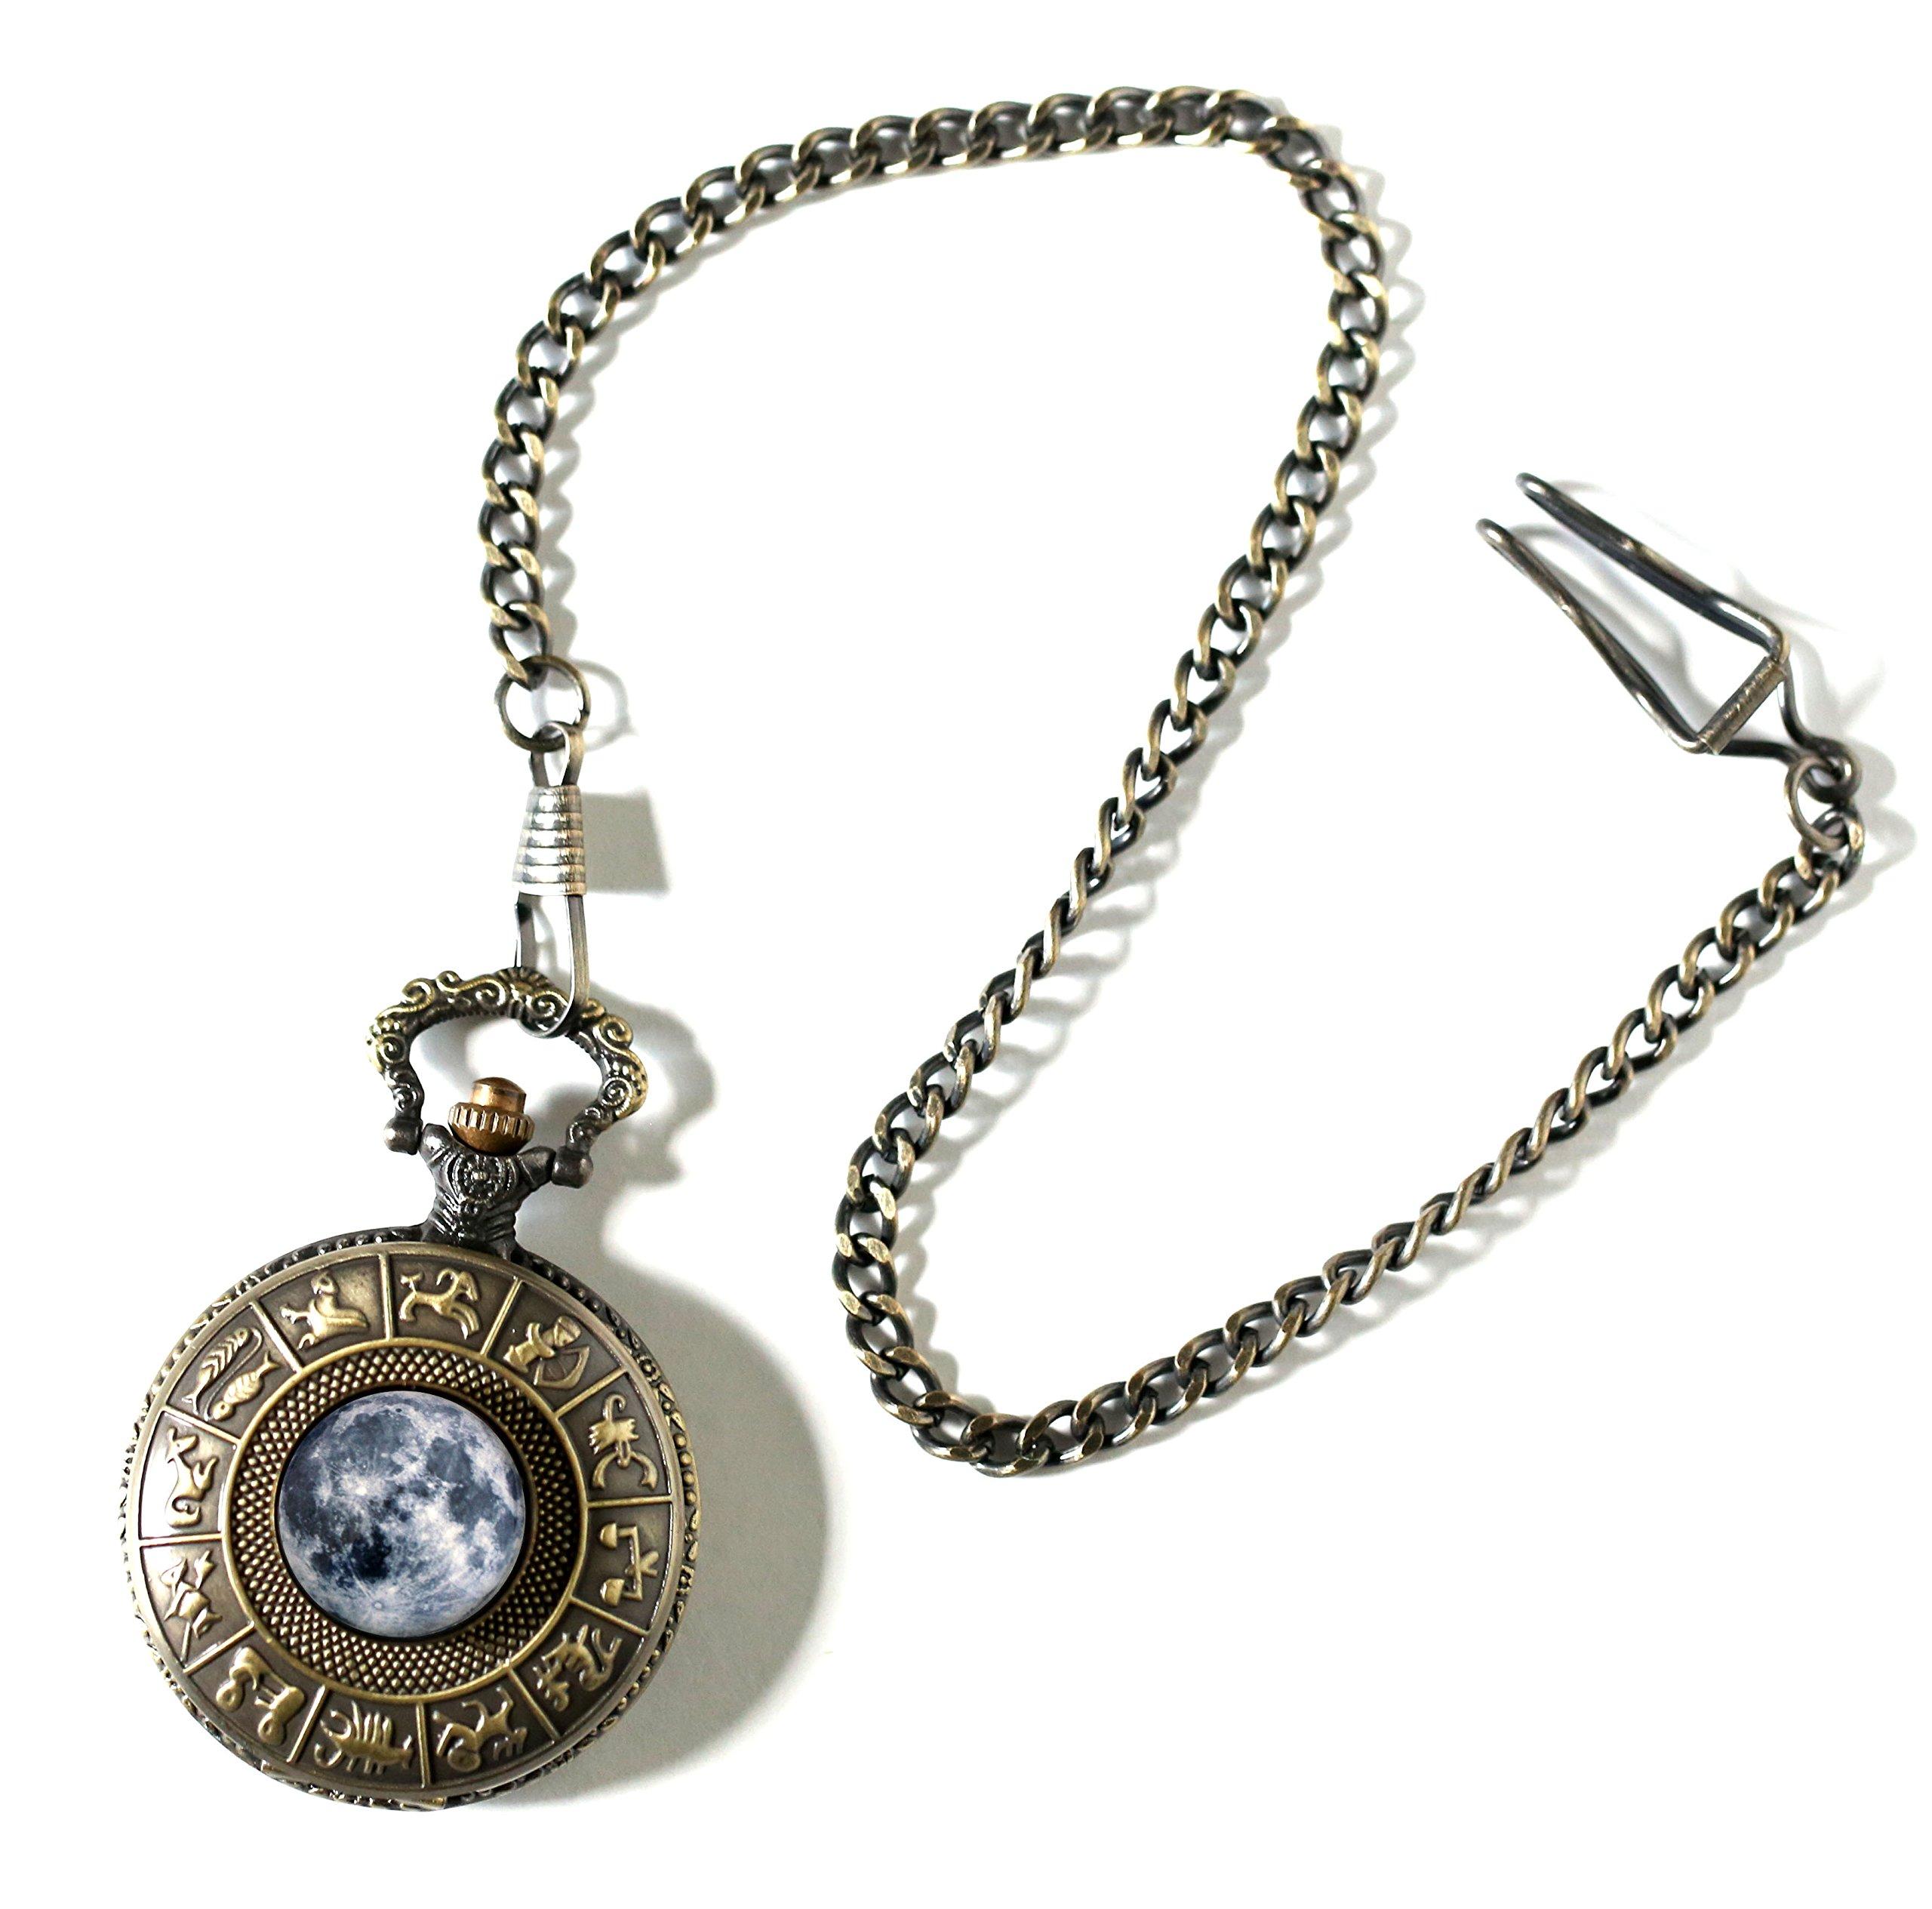 Moon Pocket Watch in Antique Bronze